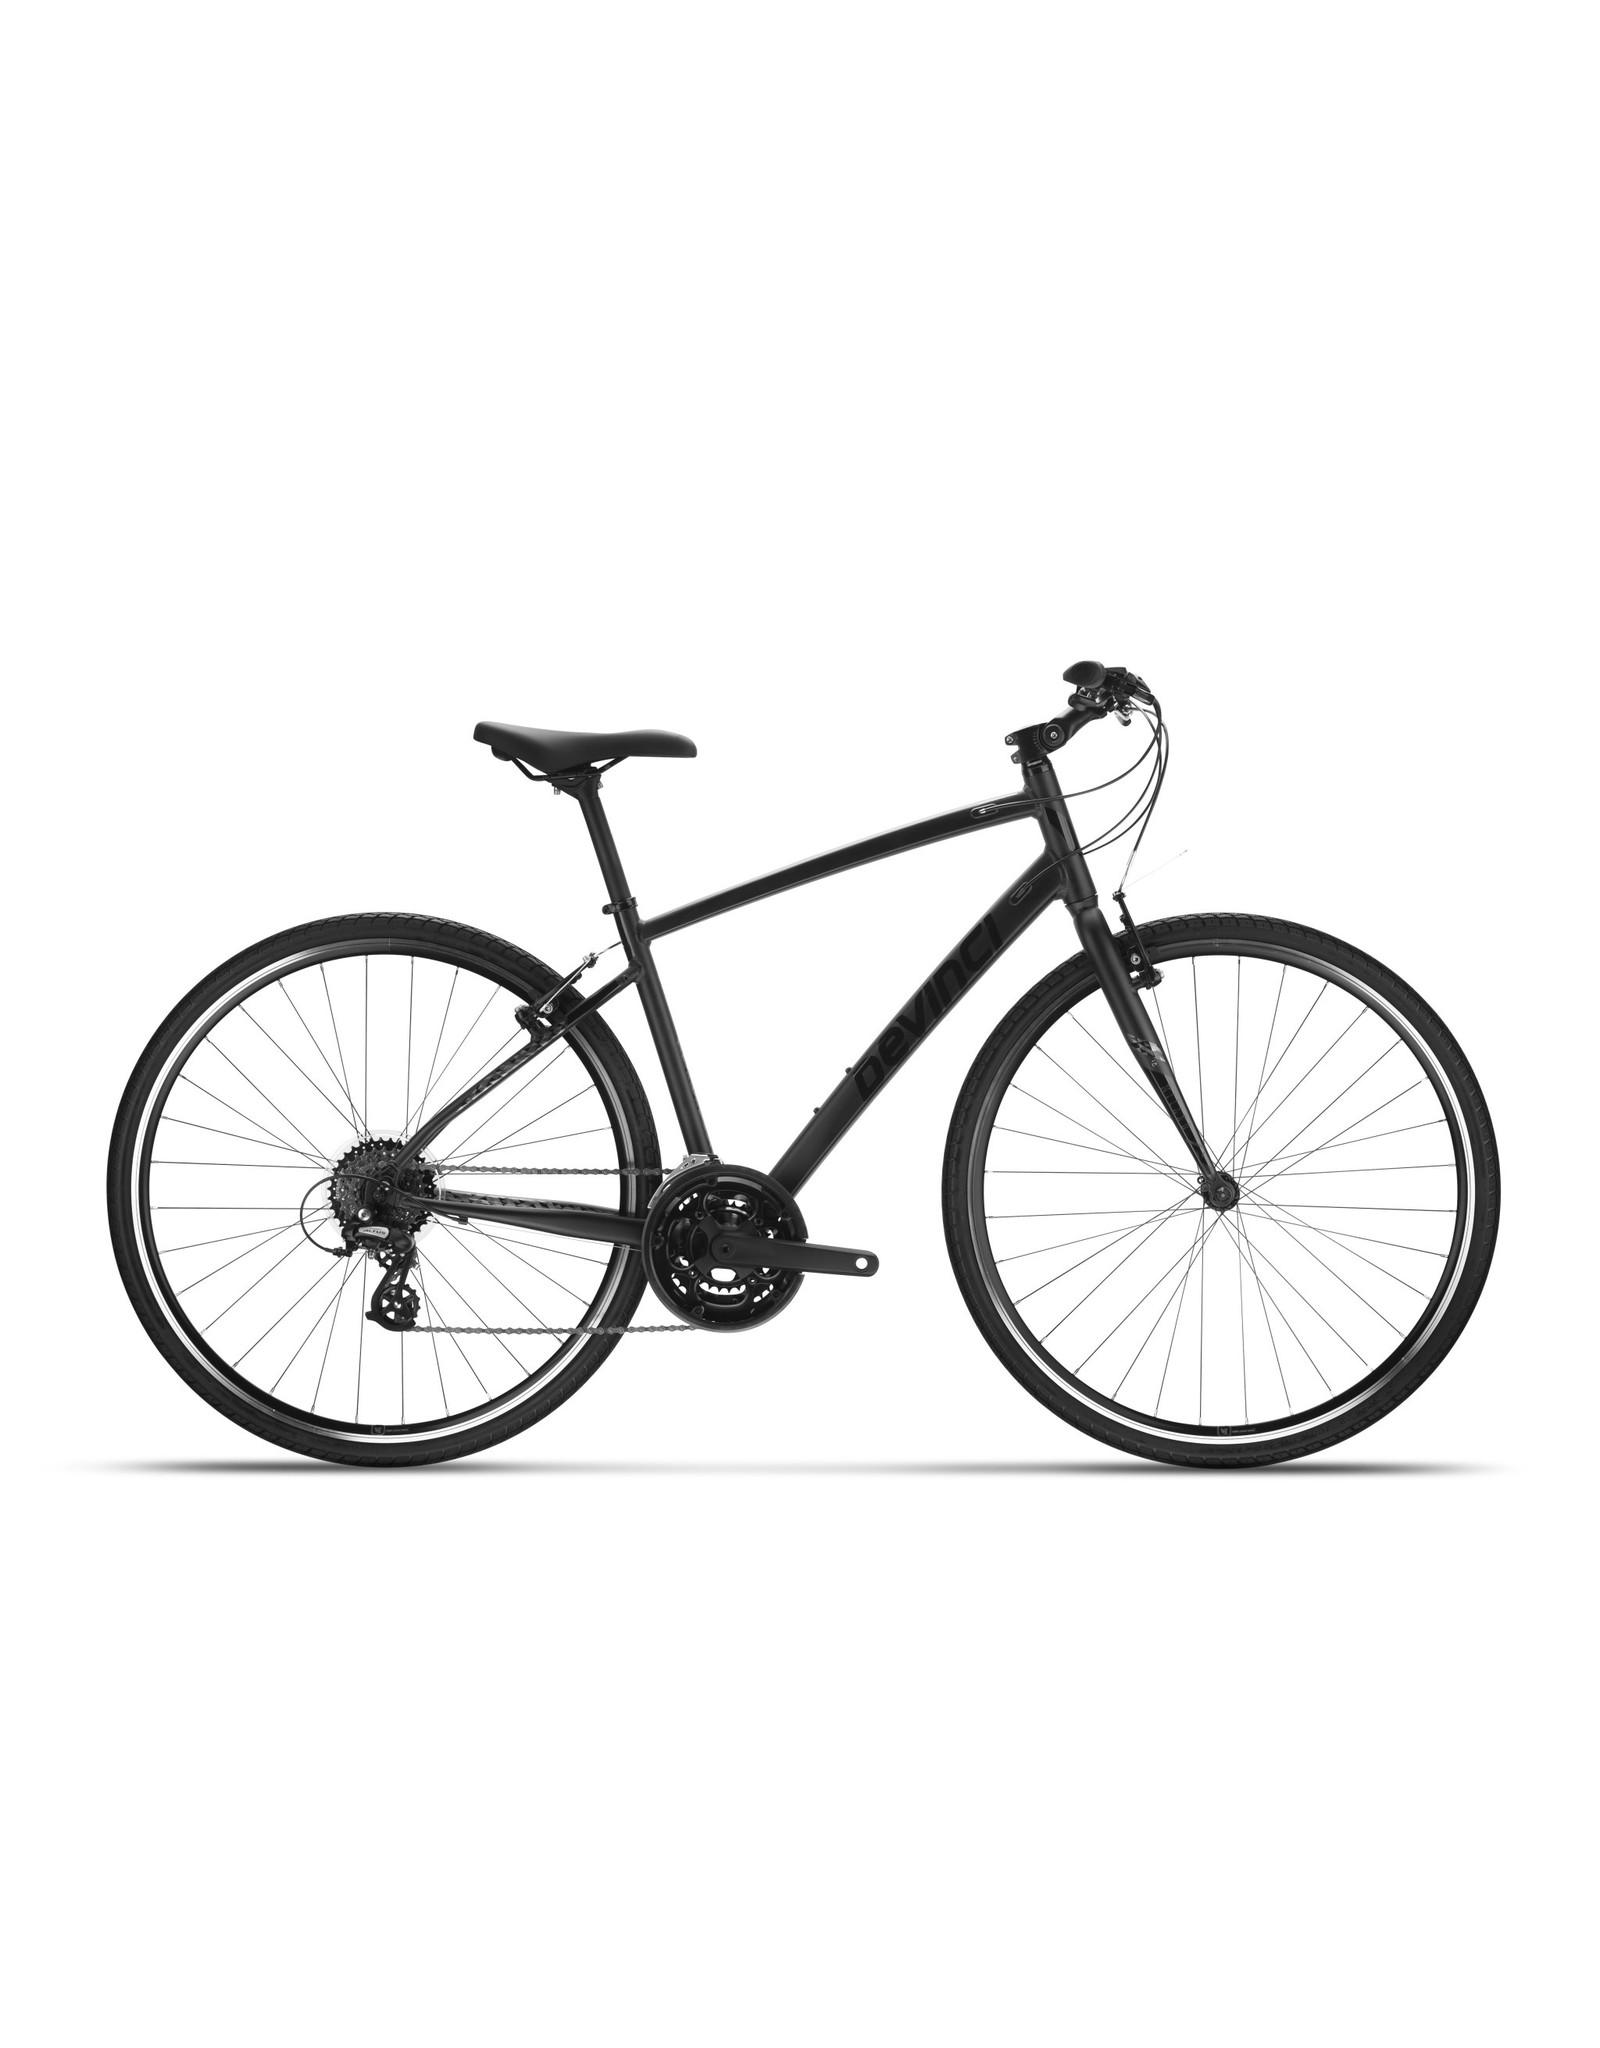 Devinci Milano Altus 21s Black Edition 2021